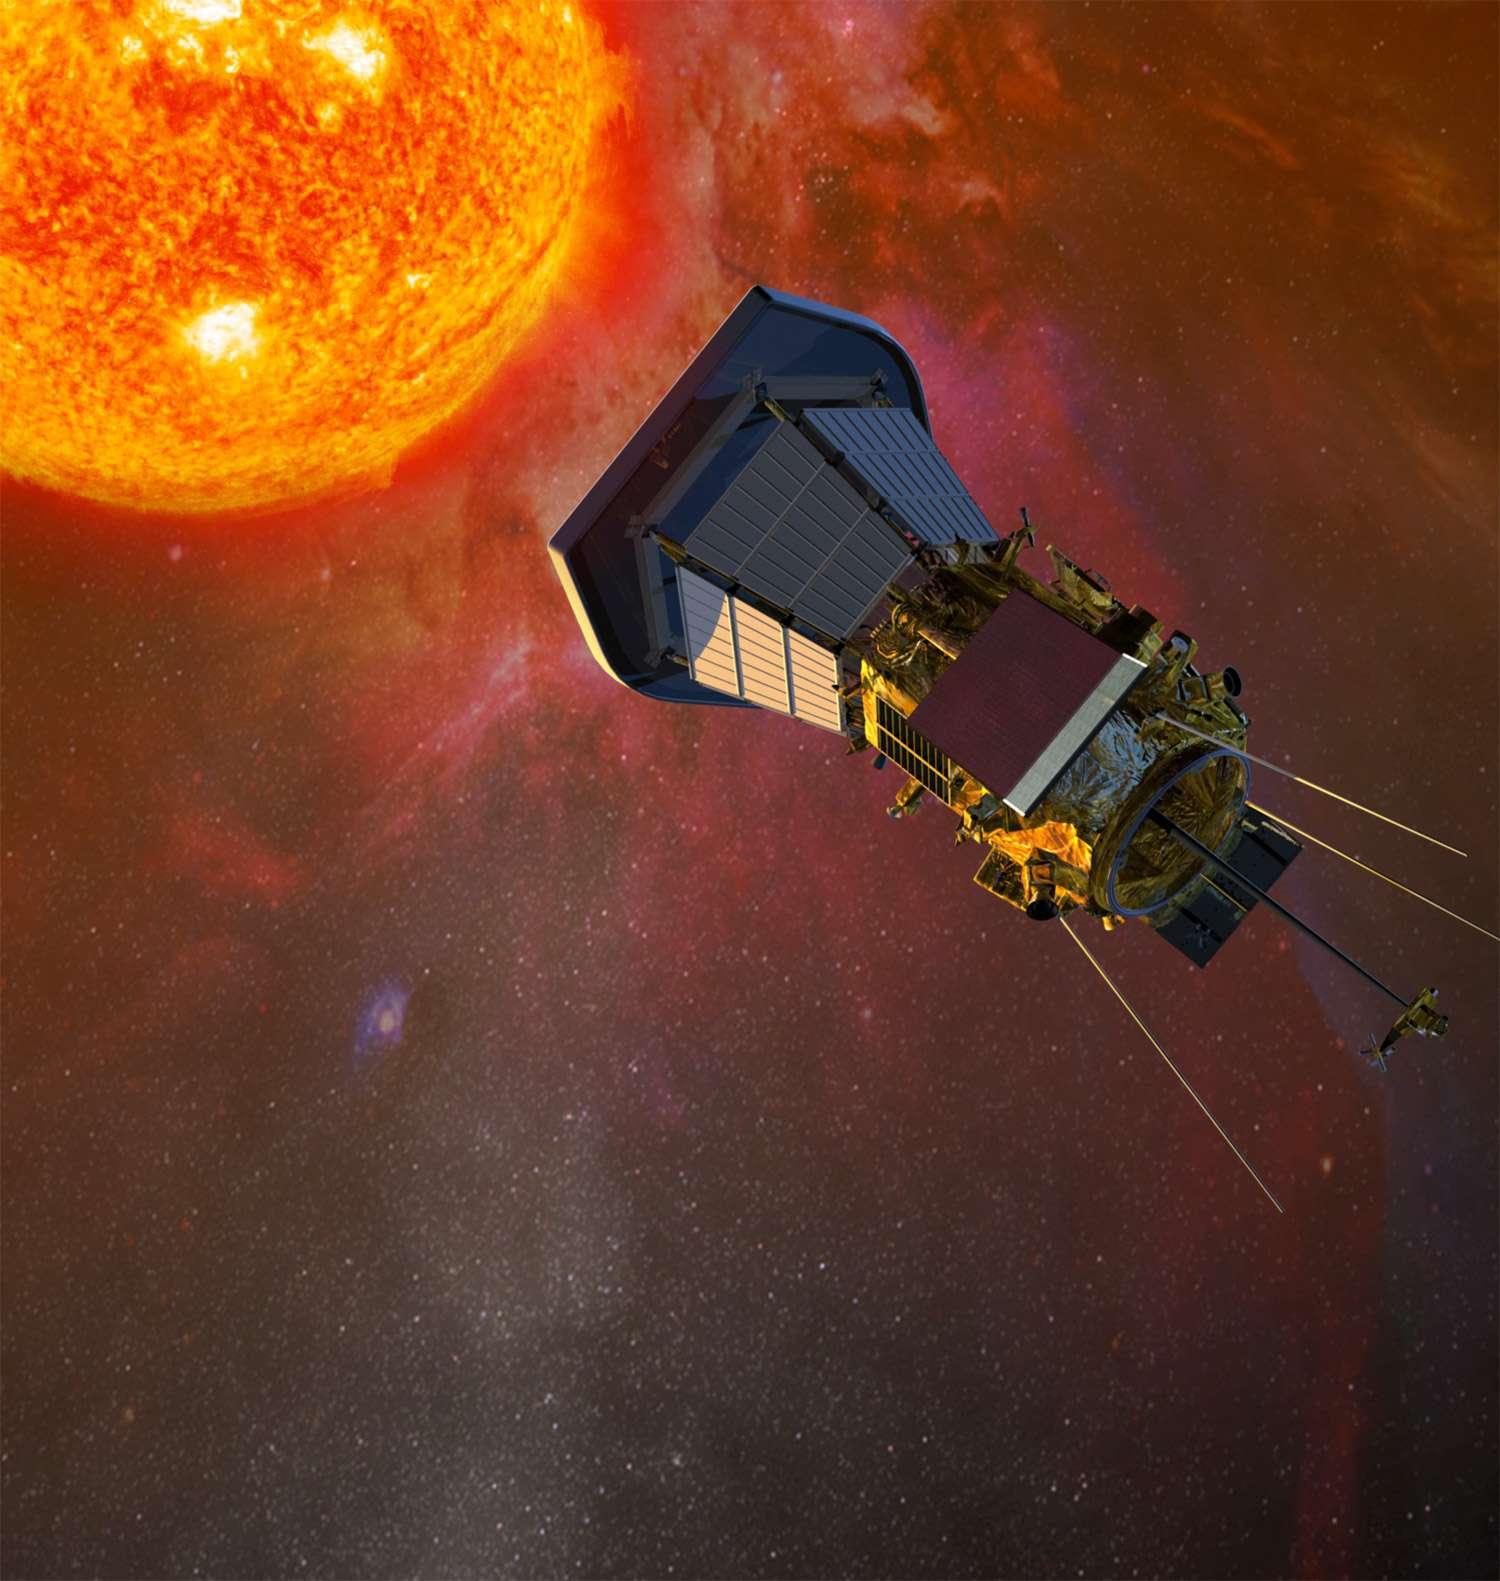 Située à moins de 7 millions de kilomètres du Soleil, l'orbite de Solar Probe Plus s'apparente à un promontoire exceptionnel pour l'observer et mieux le comprendre. Crédit Nasa